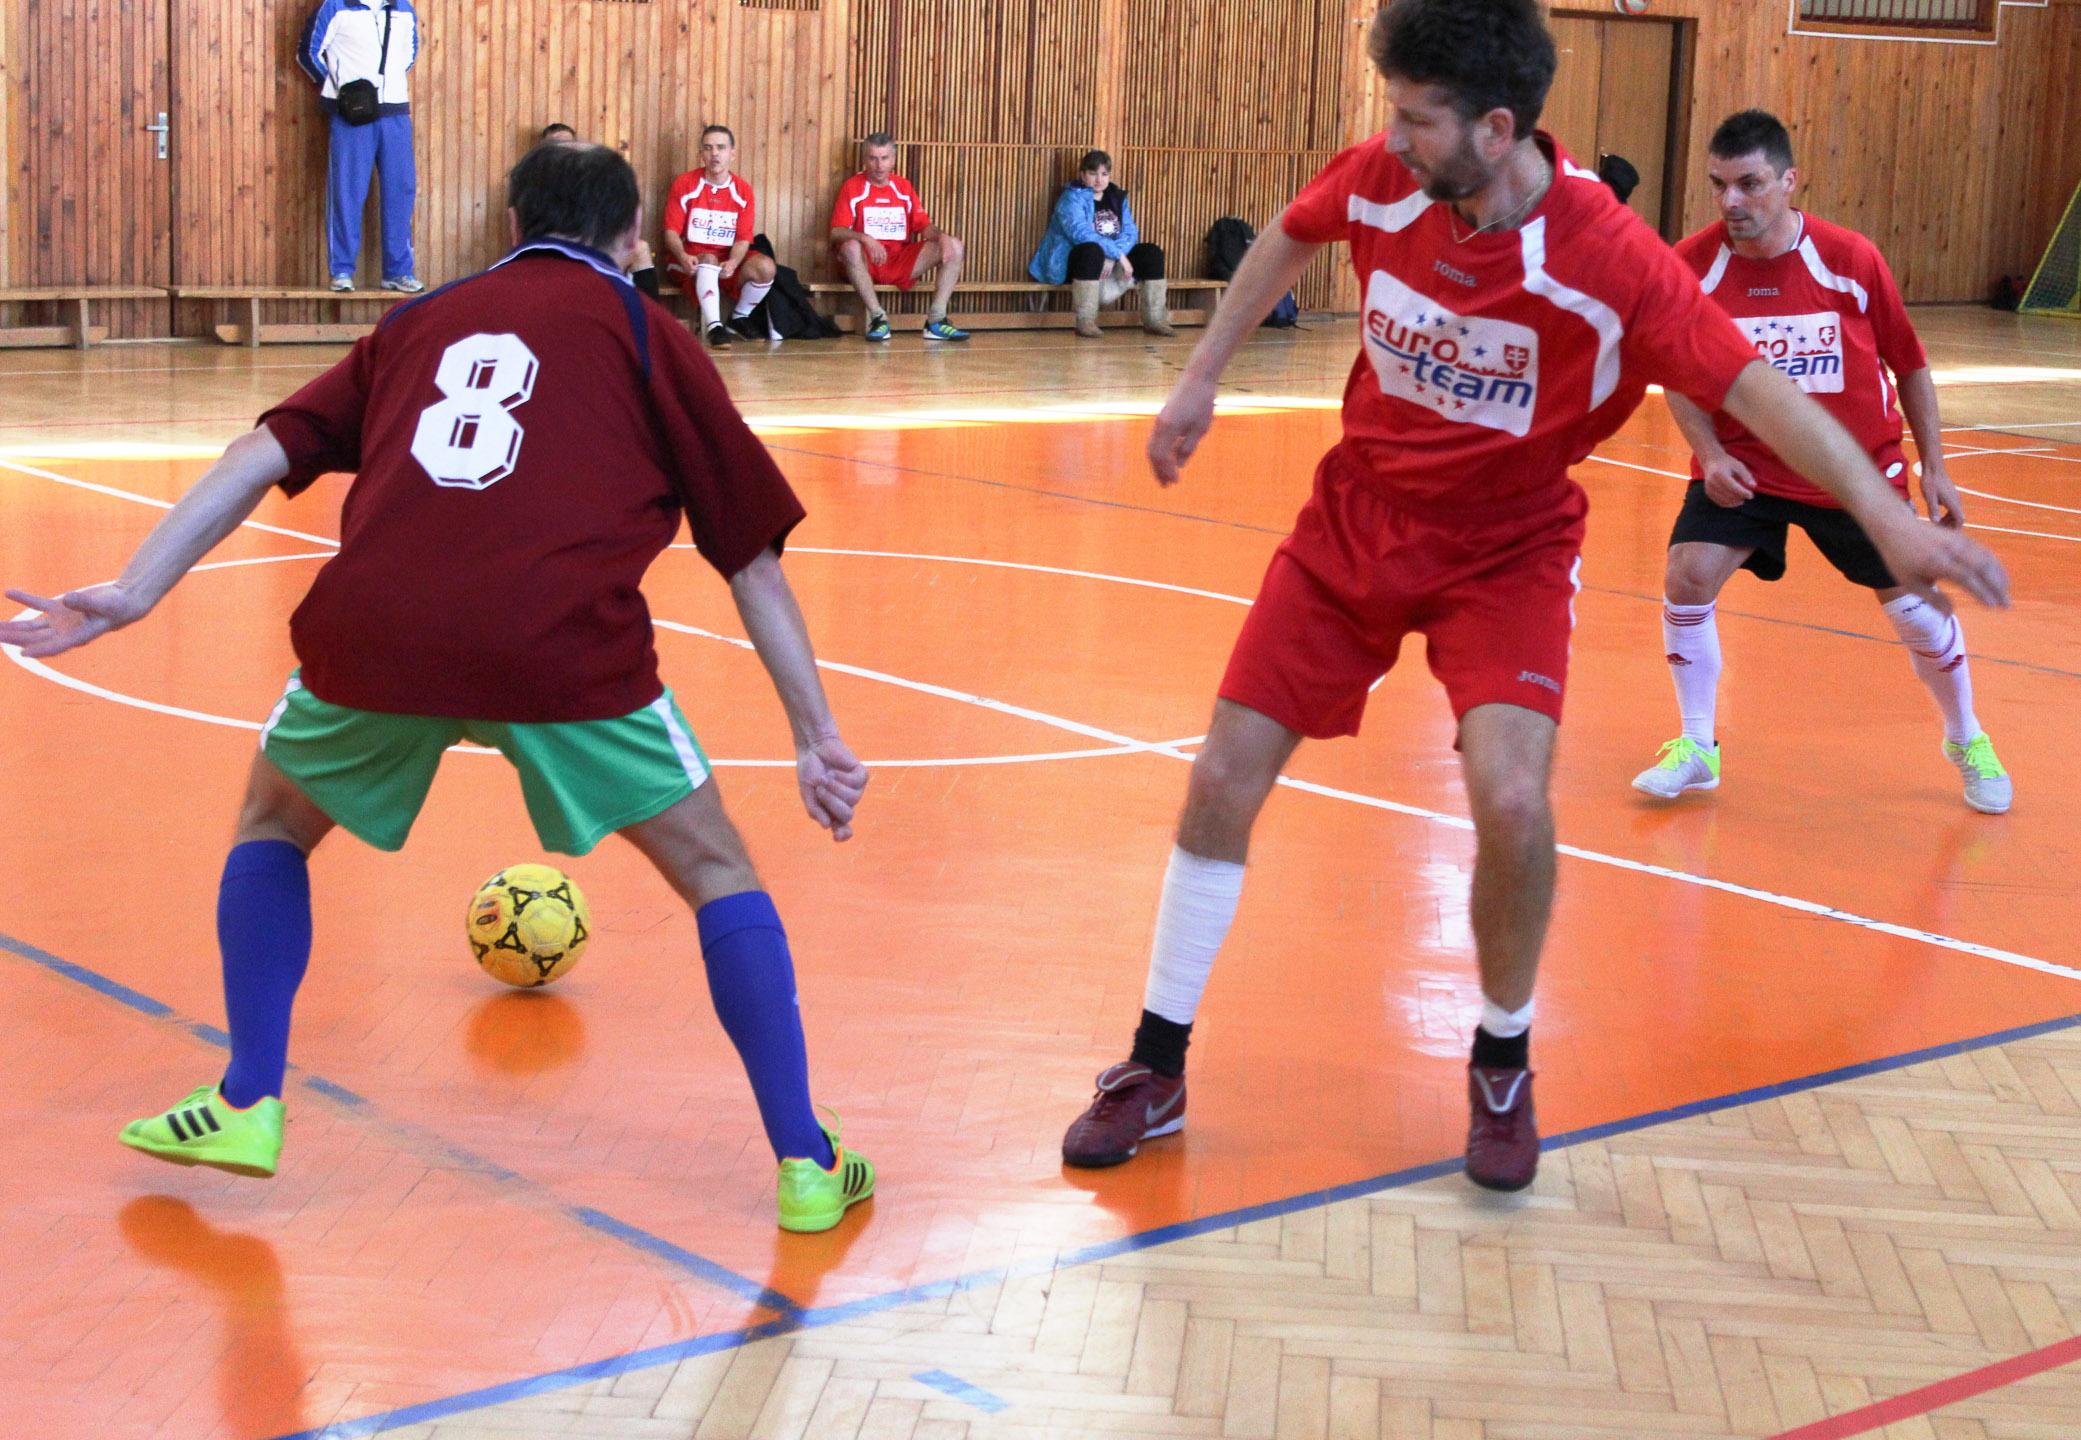 xanto-euroteam-liga-40-12-kolo-11